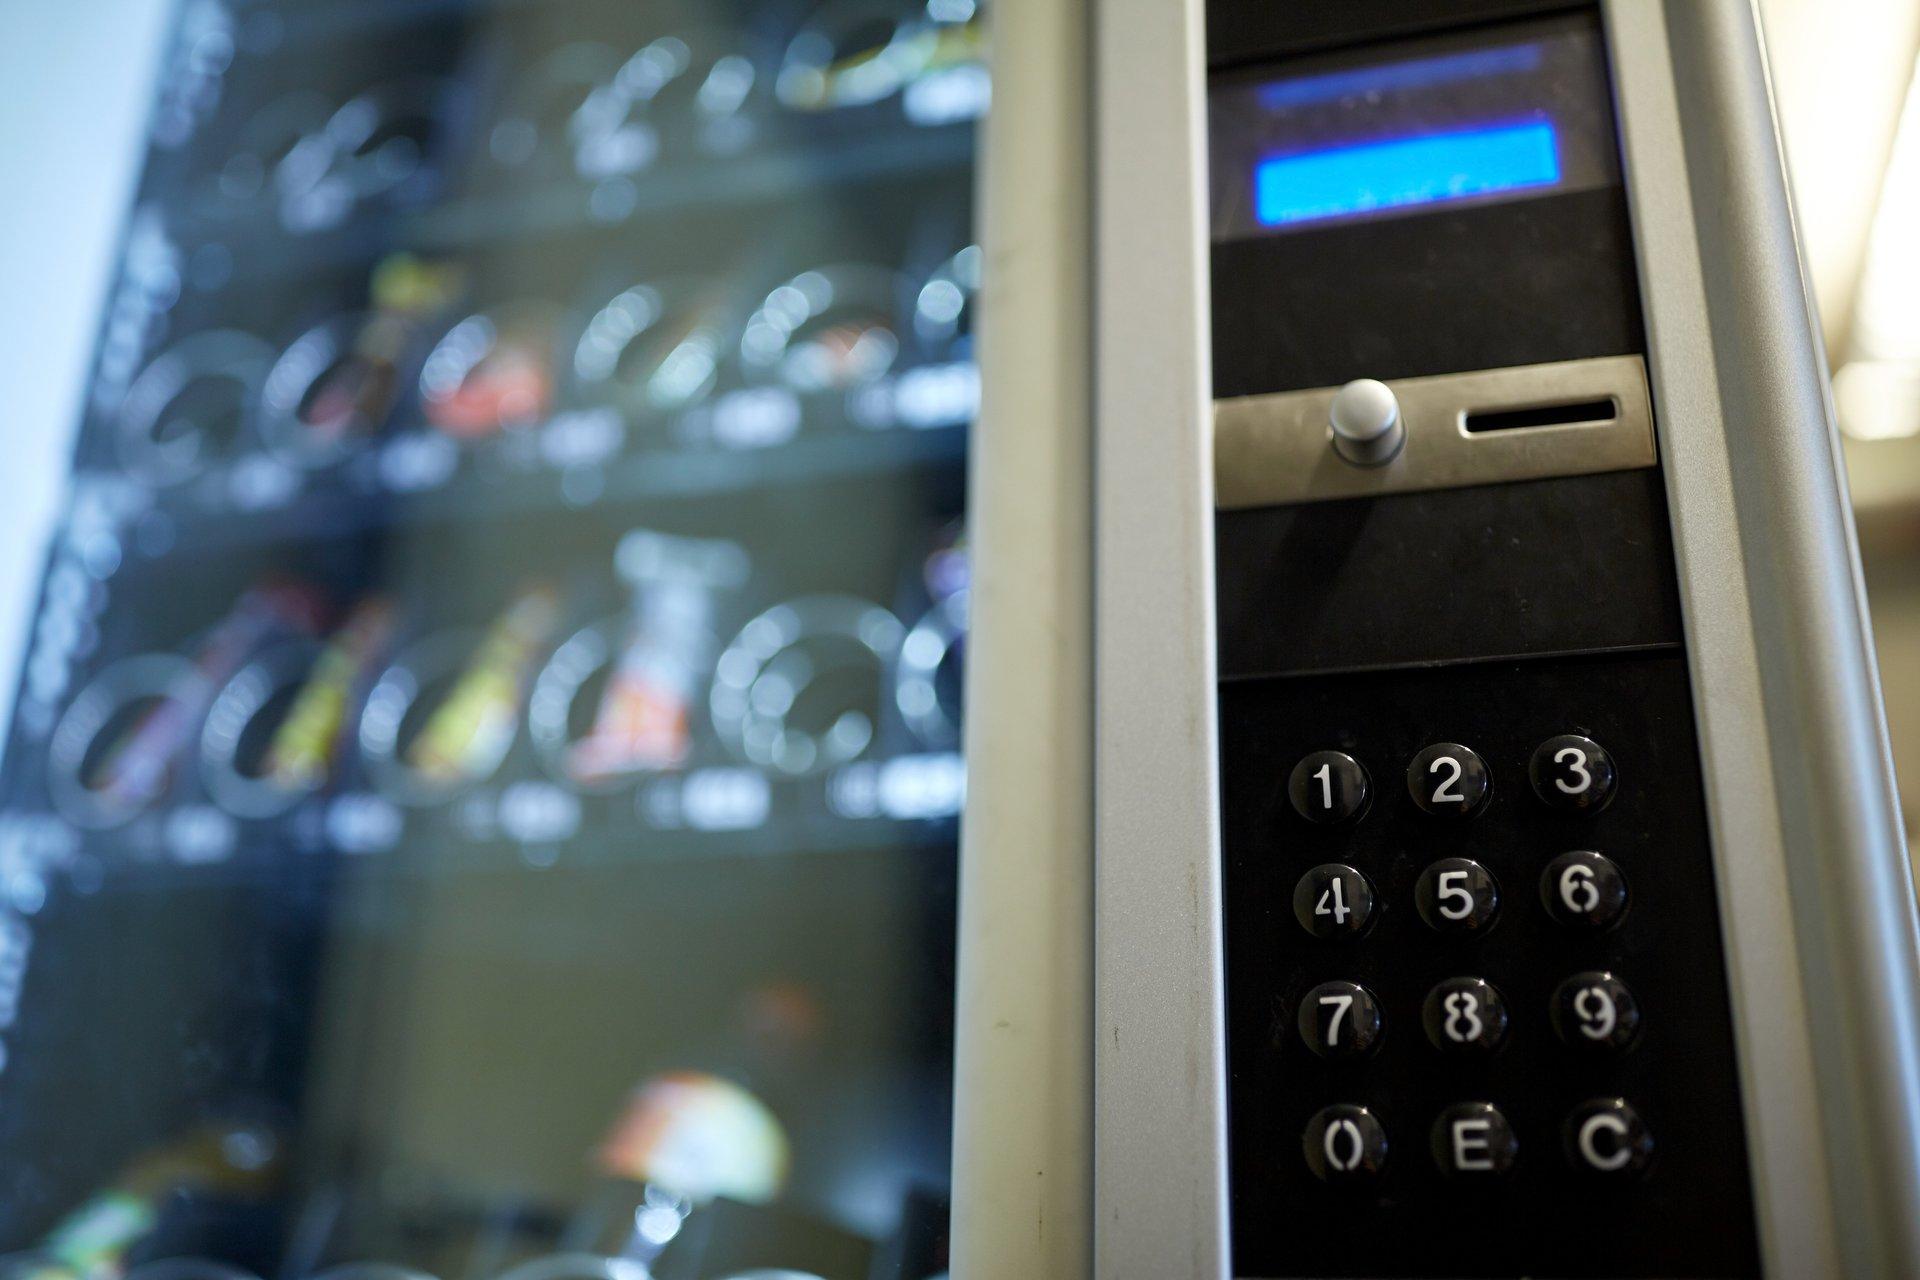 dettaglio della pulsantiera di un distributore automatico